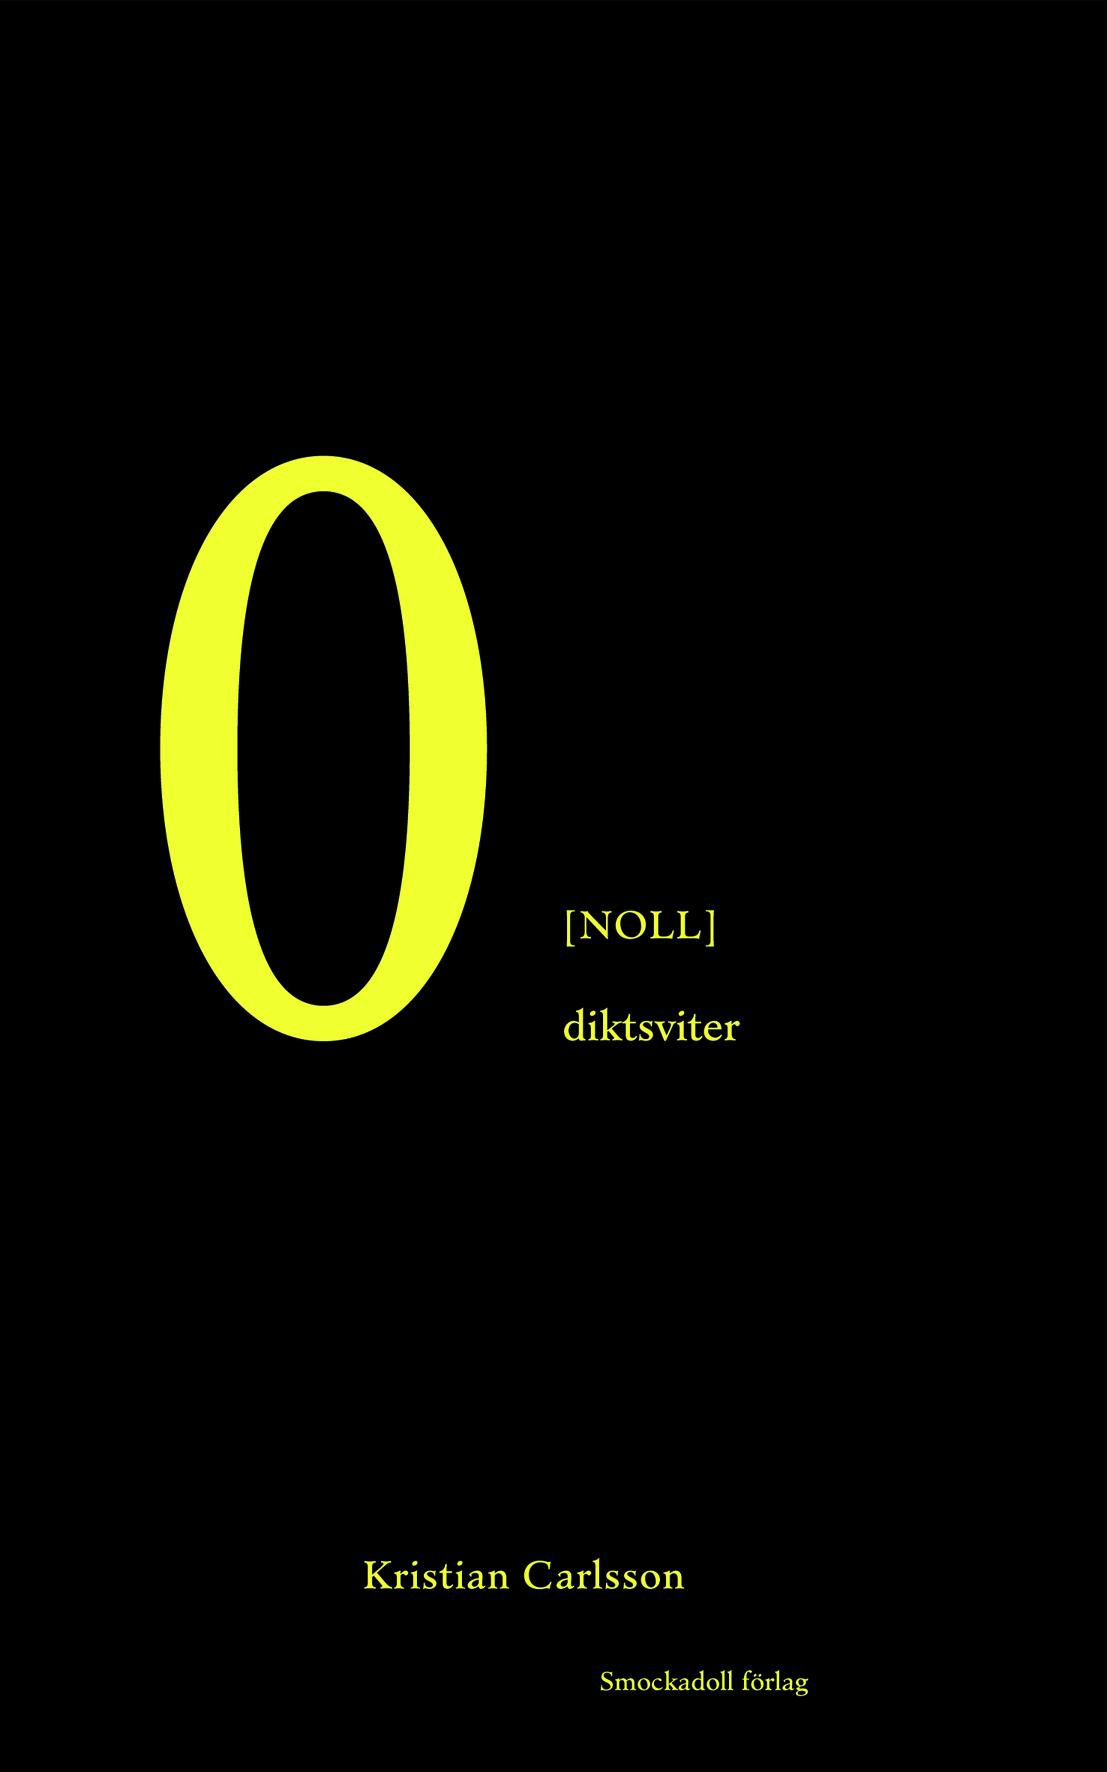 0 [noll] : diktsviter av Kristian Carlsson